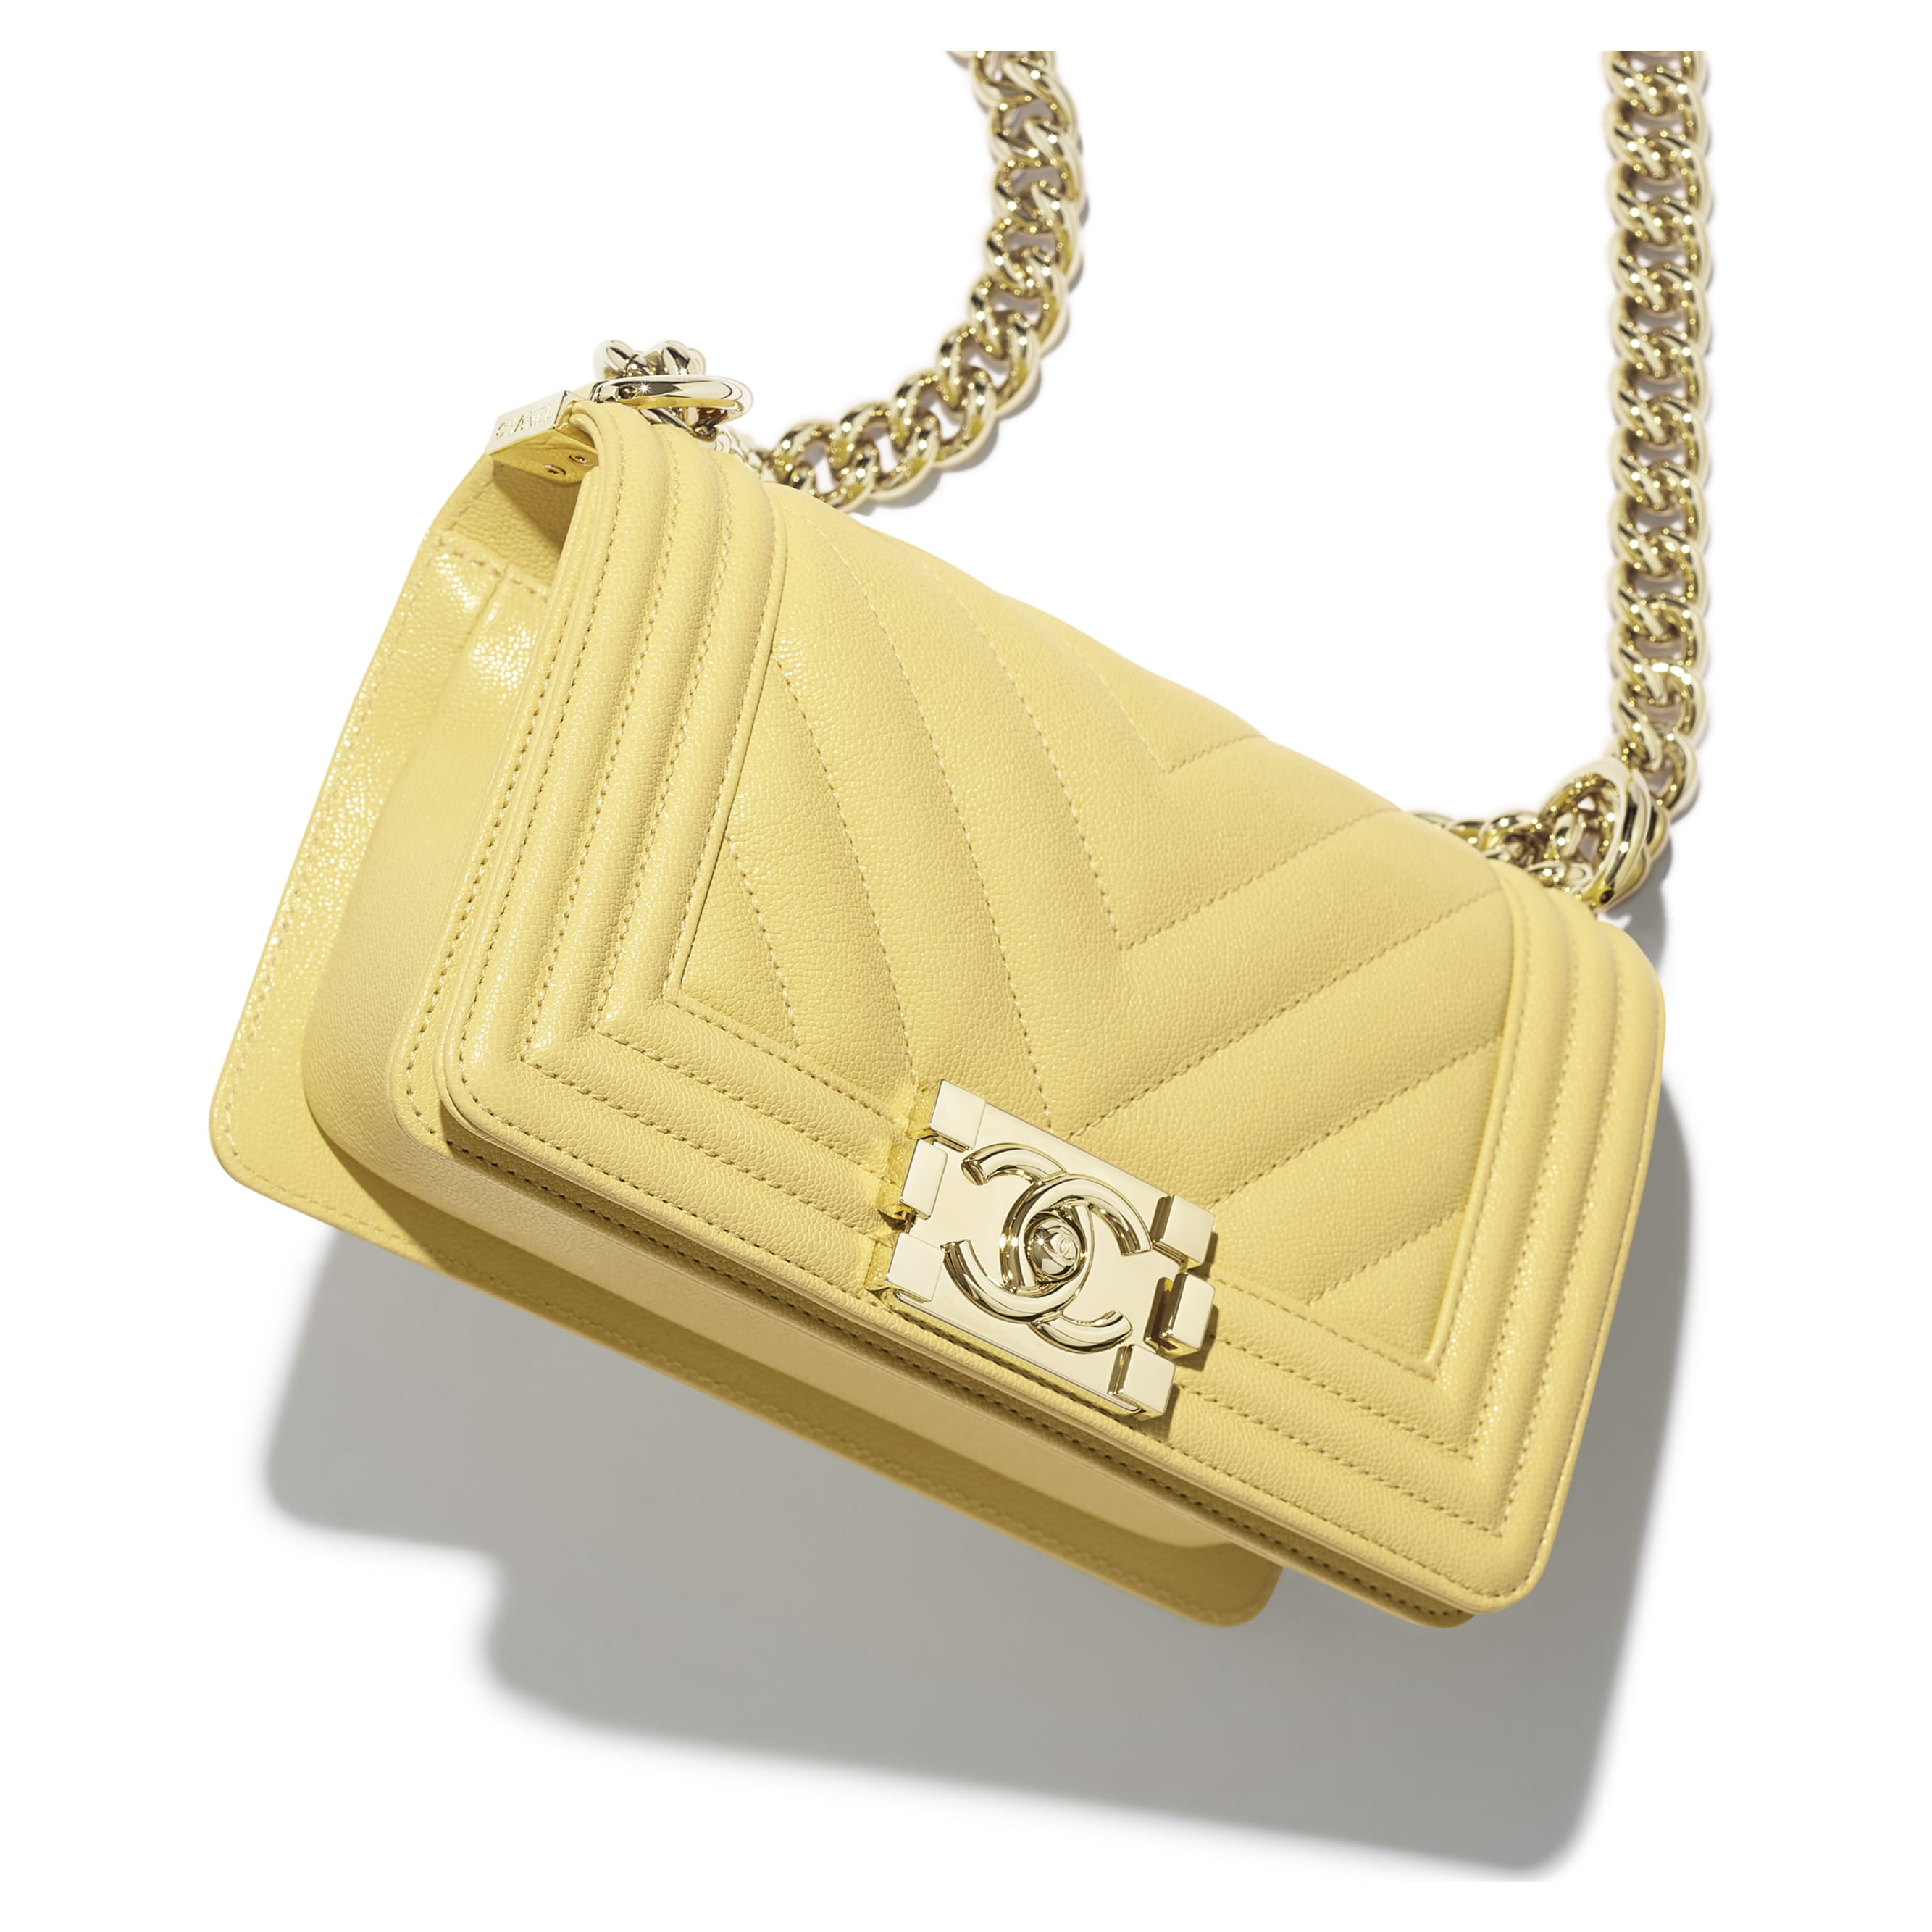 Kleine Tasche BOY CHANEL - Gelb - Genarbtes Kalbsleder & goldfarbenes Metall - CHANEL - Extra-Ansicht - Standardgröße anzeigen